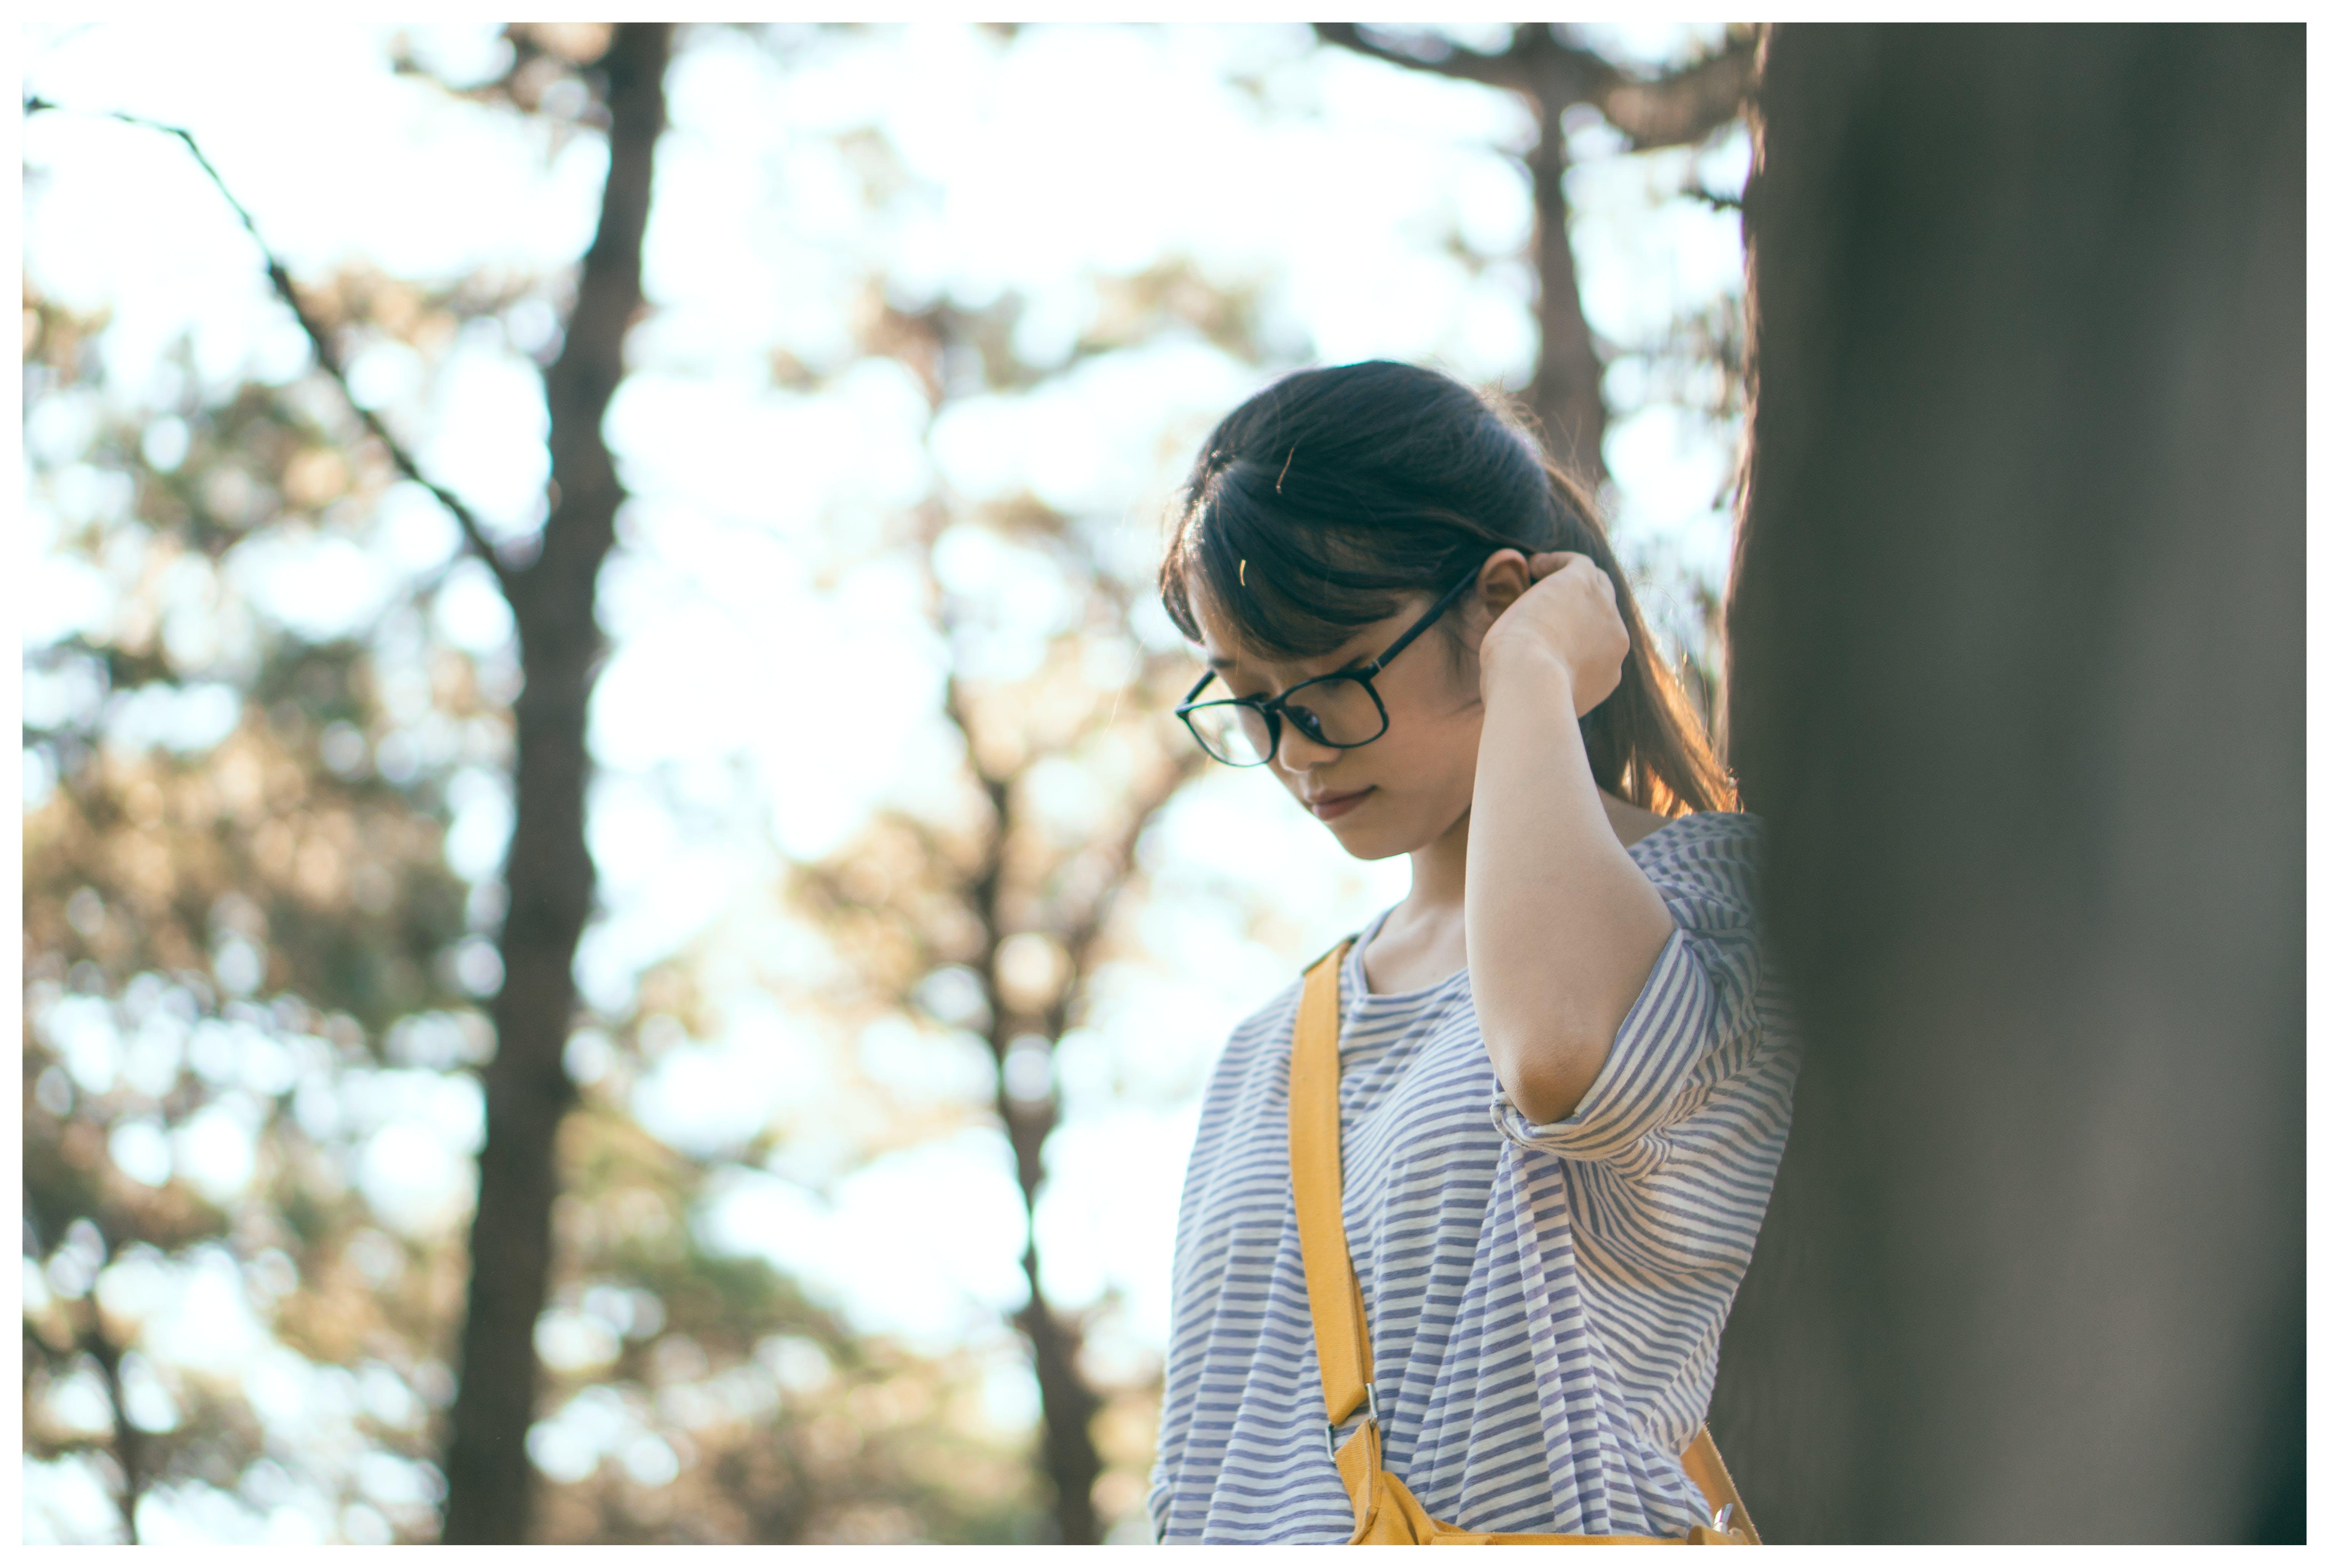 Kostnadsfri bild av asiatisk kvinna, asiatisk tjej, avslappning, dagsljus